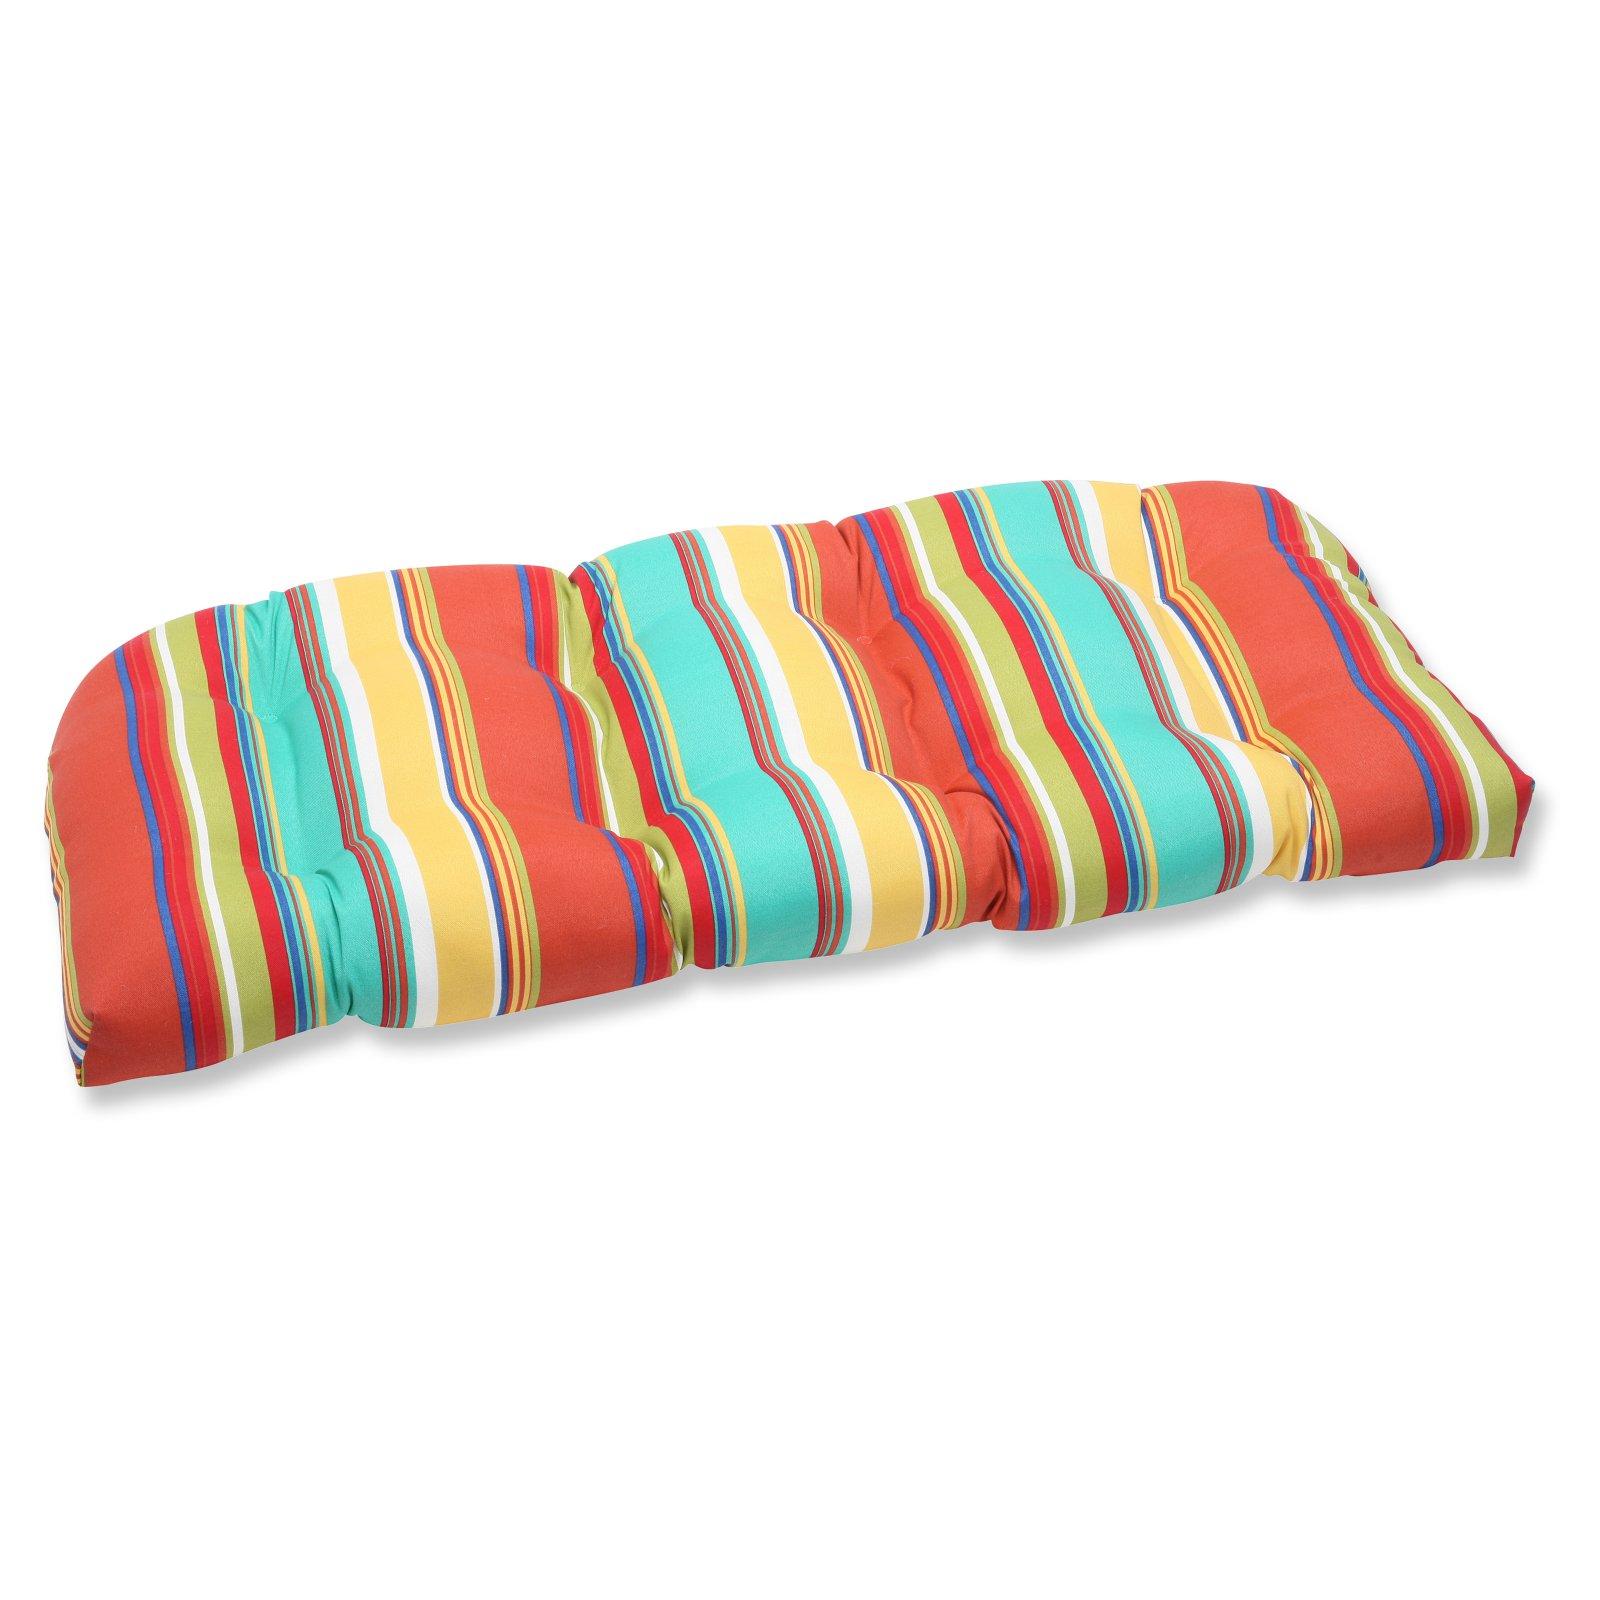 Pillow Perfect Outdoor/ Indoor Westport Spring Wicker Loveseat Cushion